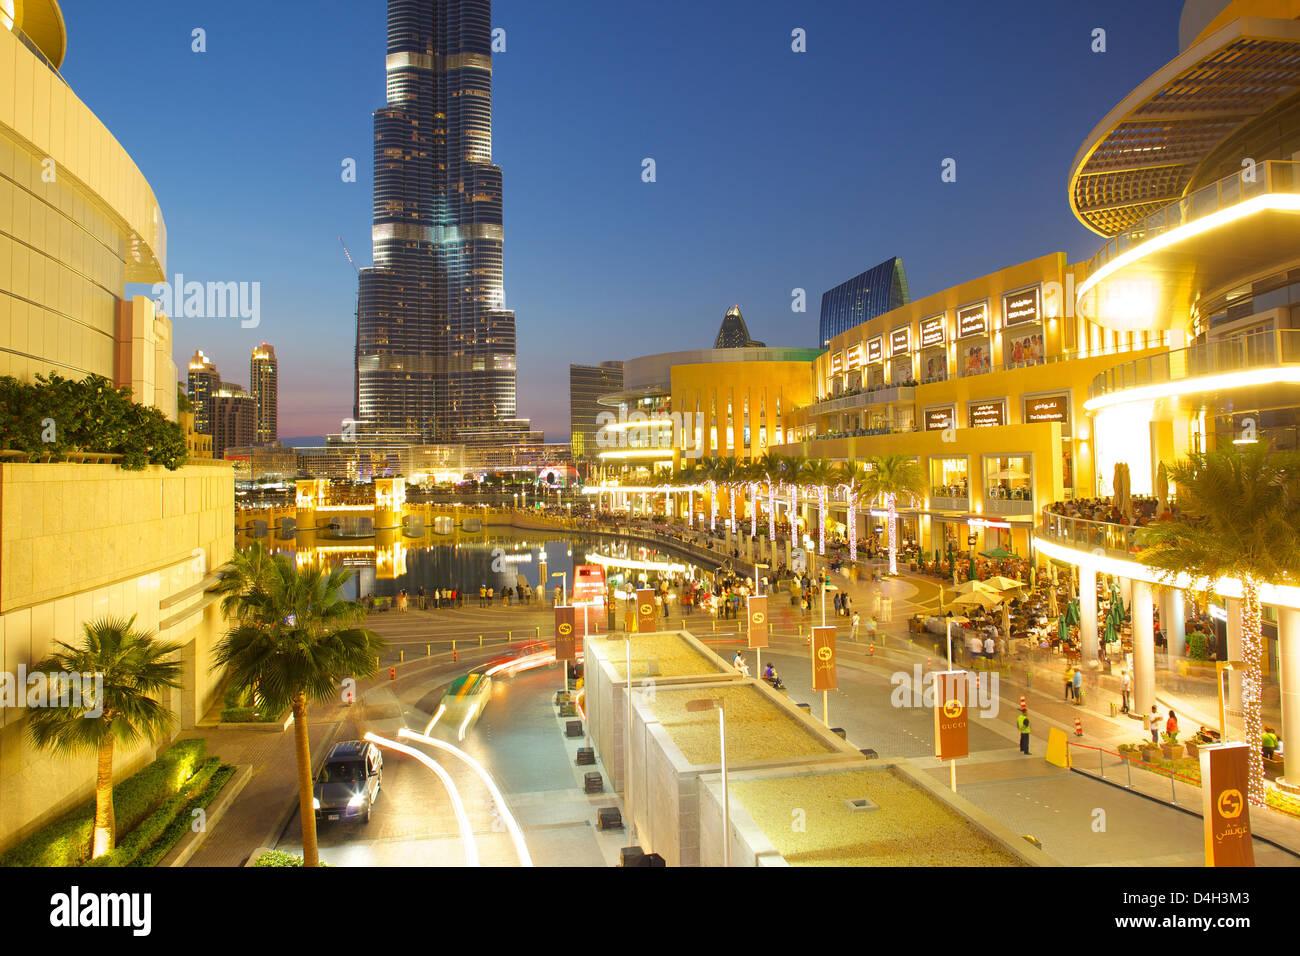 Burj Khalifa und Dubai Mall bei Dämmerung, Dubai, Vereinigte Arabische Emirate, Naher Osten Stockbild